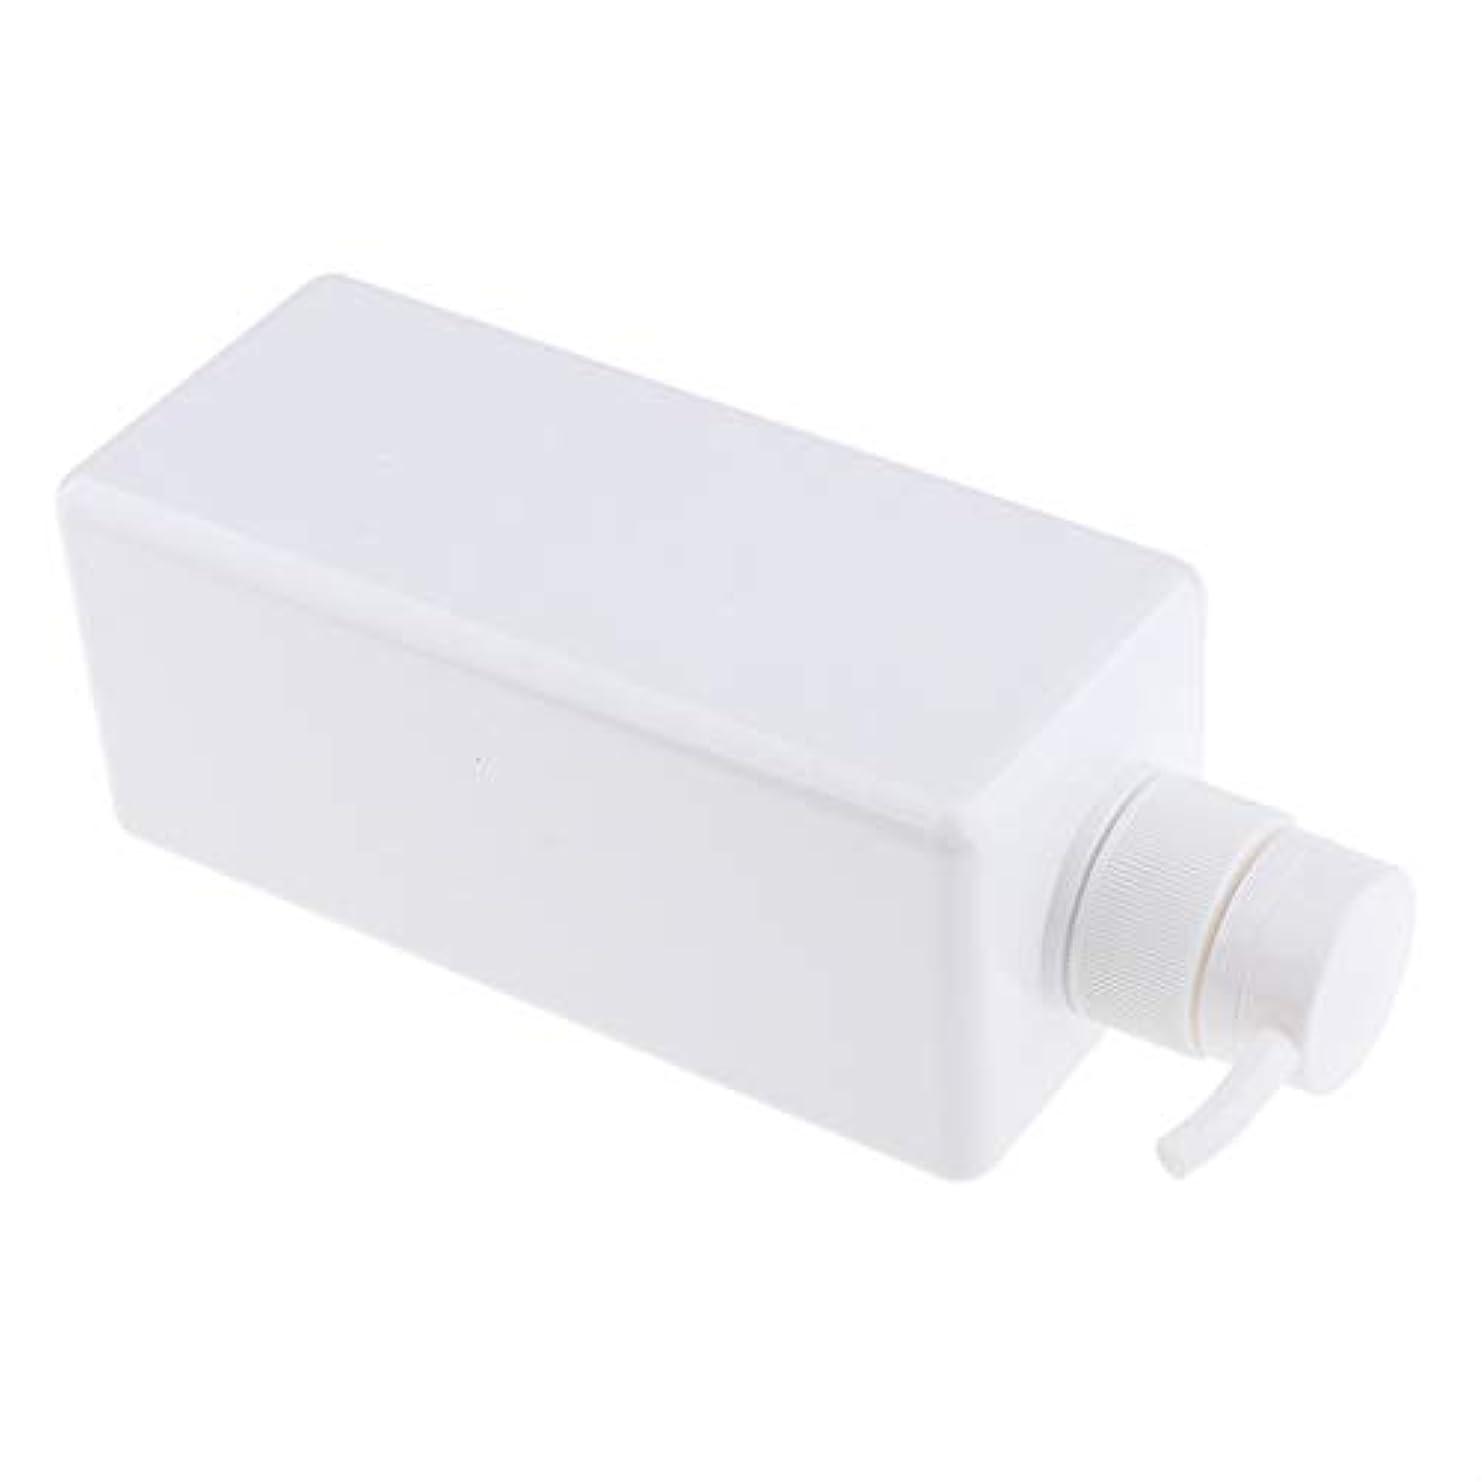 円形ねじれベーカリーソープディスペンサー ローションボトル シャンプーコンテナ 650ml 高品質 プラスチック 4色選べ - 白